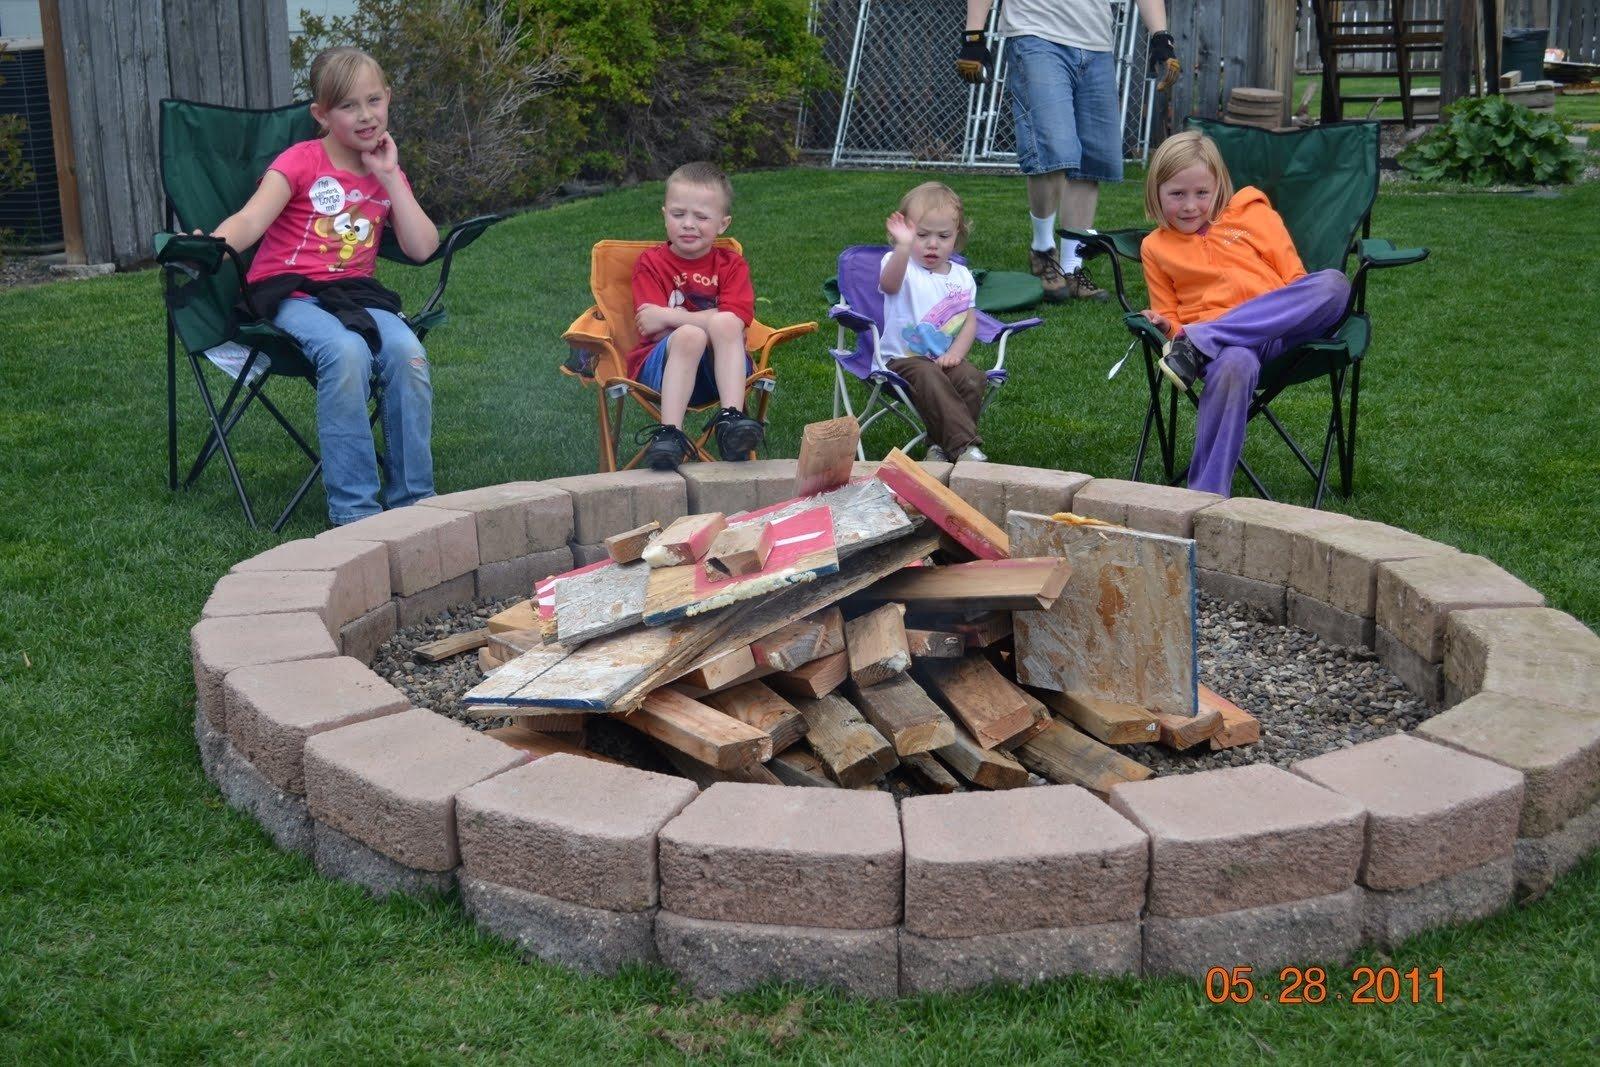 10 Beautiful Simple Backyard Fire Pit Ideas backyard fire pit wood pits diy home art decor 87225 2021